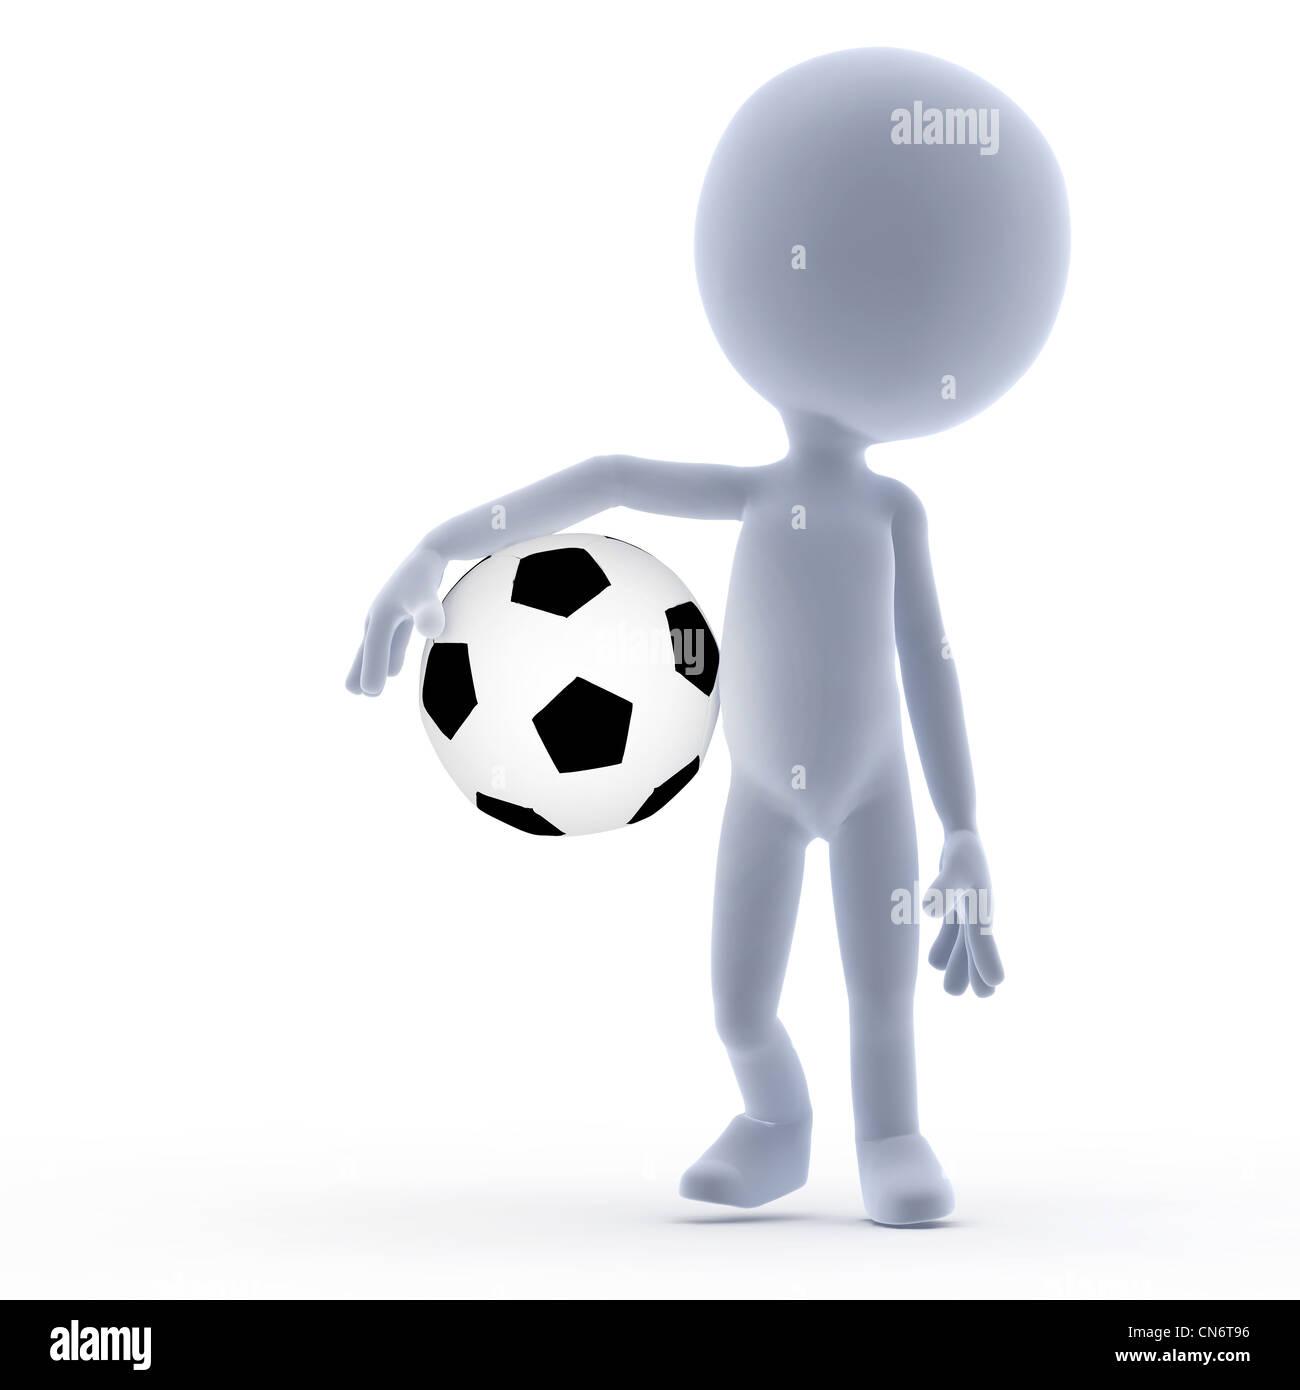 Fußball, Fußball hält den Ball. Toons, konzeptionelle Stockbild